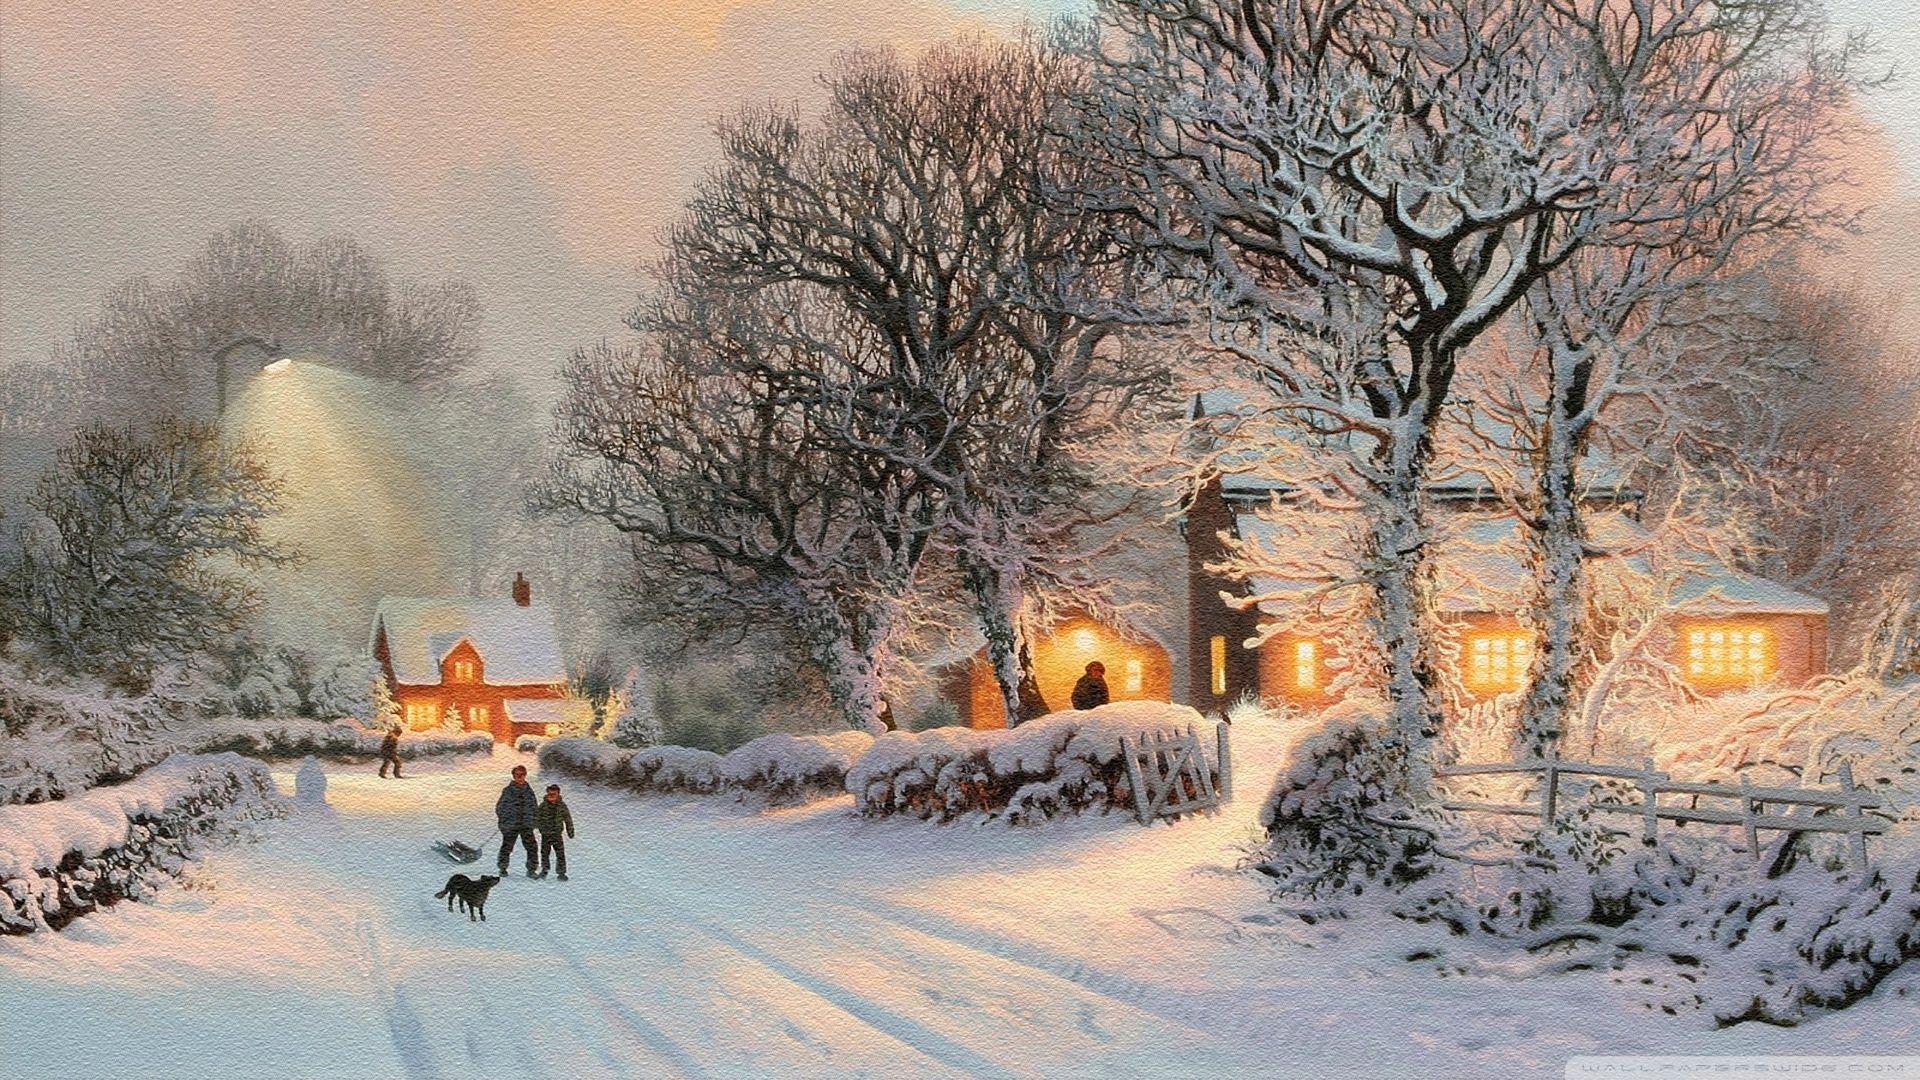 Les Photos Decor De Noel Sous La Neige Noel Sur Exruefrontenac Com